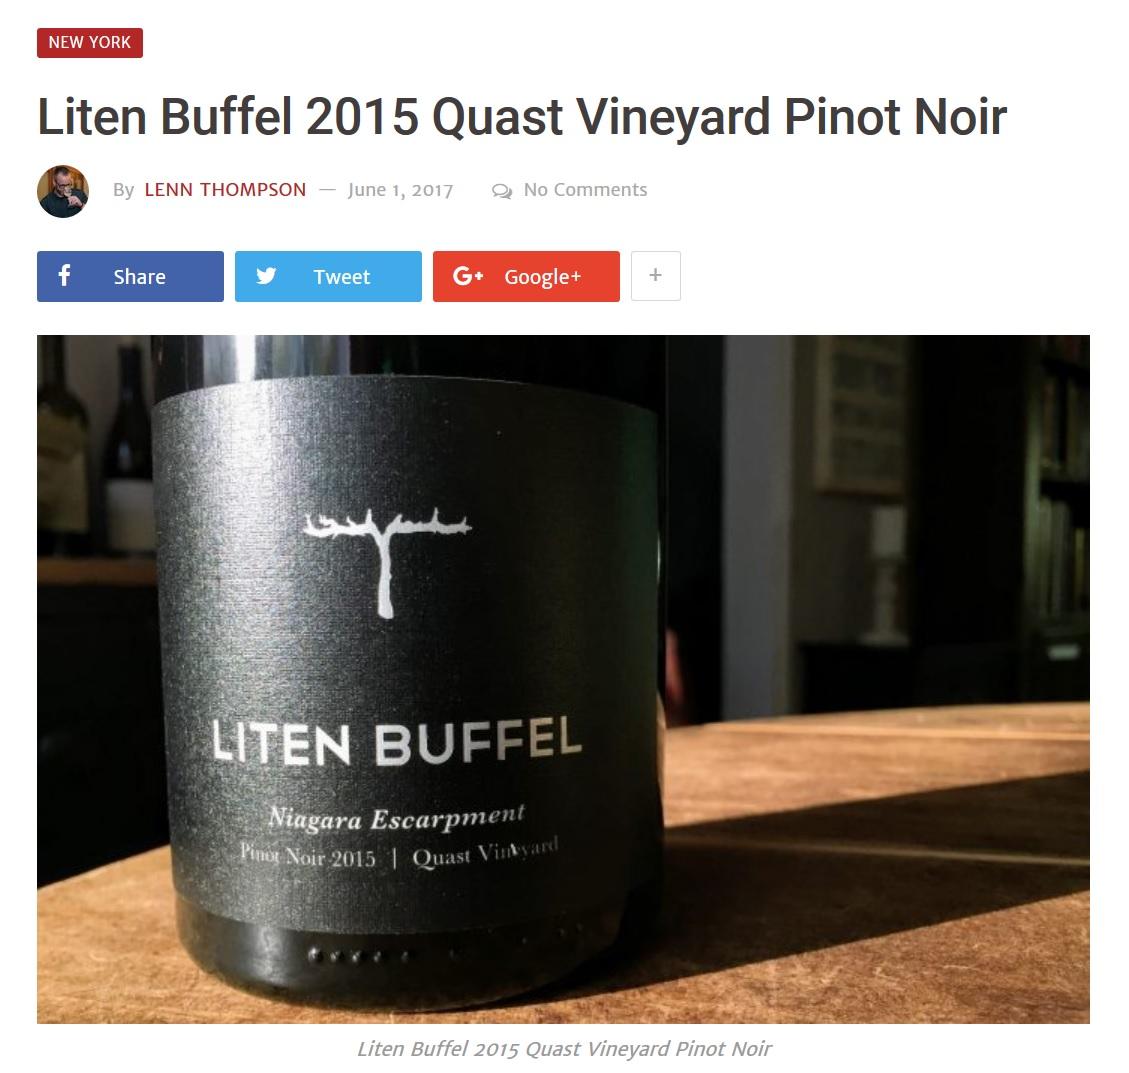 NYCR - Liten Buffel 2015 Quast Vineyard Pinot Noir.jpg